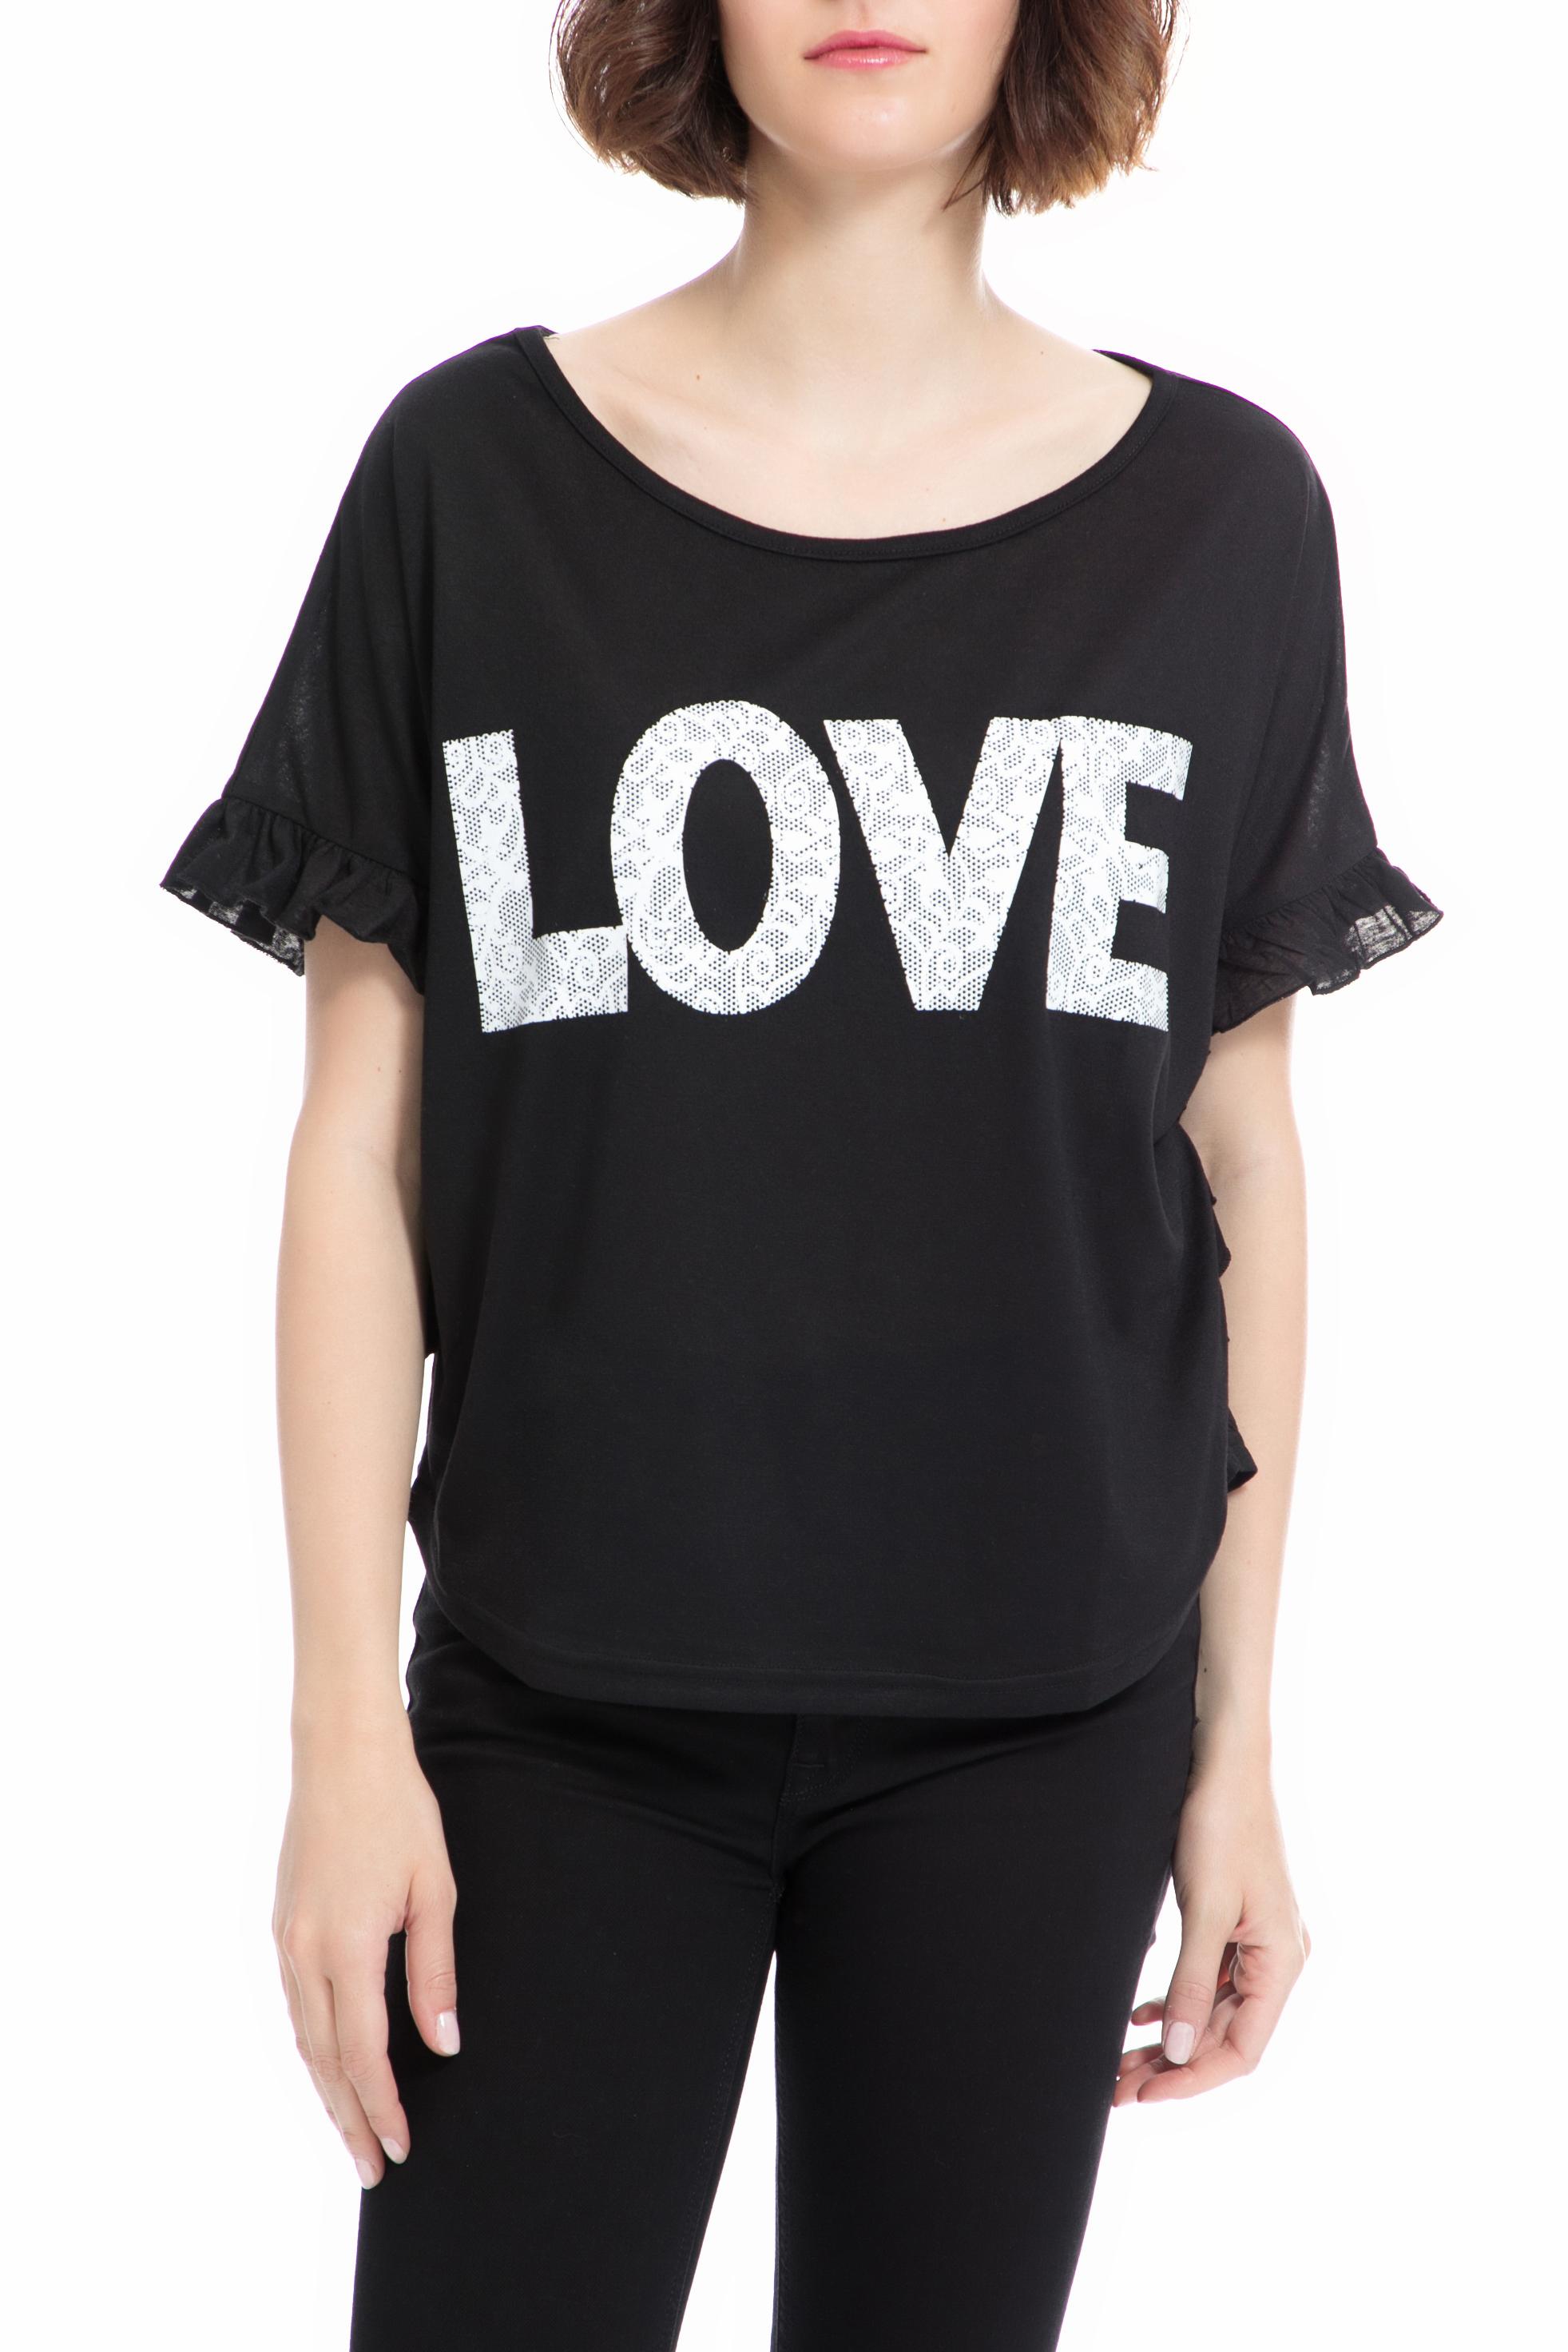 MOLLY BRACKEN - Γυναικεία μπλούζα MOLLY BRACKEN μαύρη γυναικεία ρούχα μπλούζες τοπ